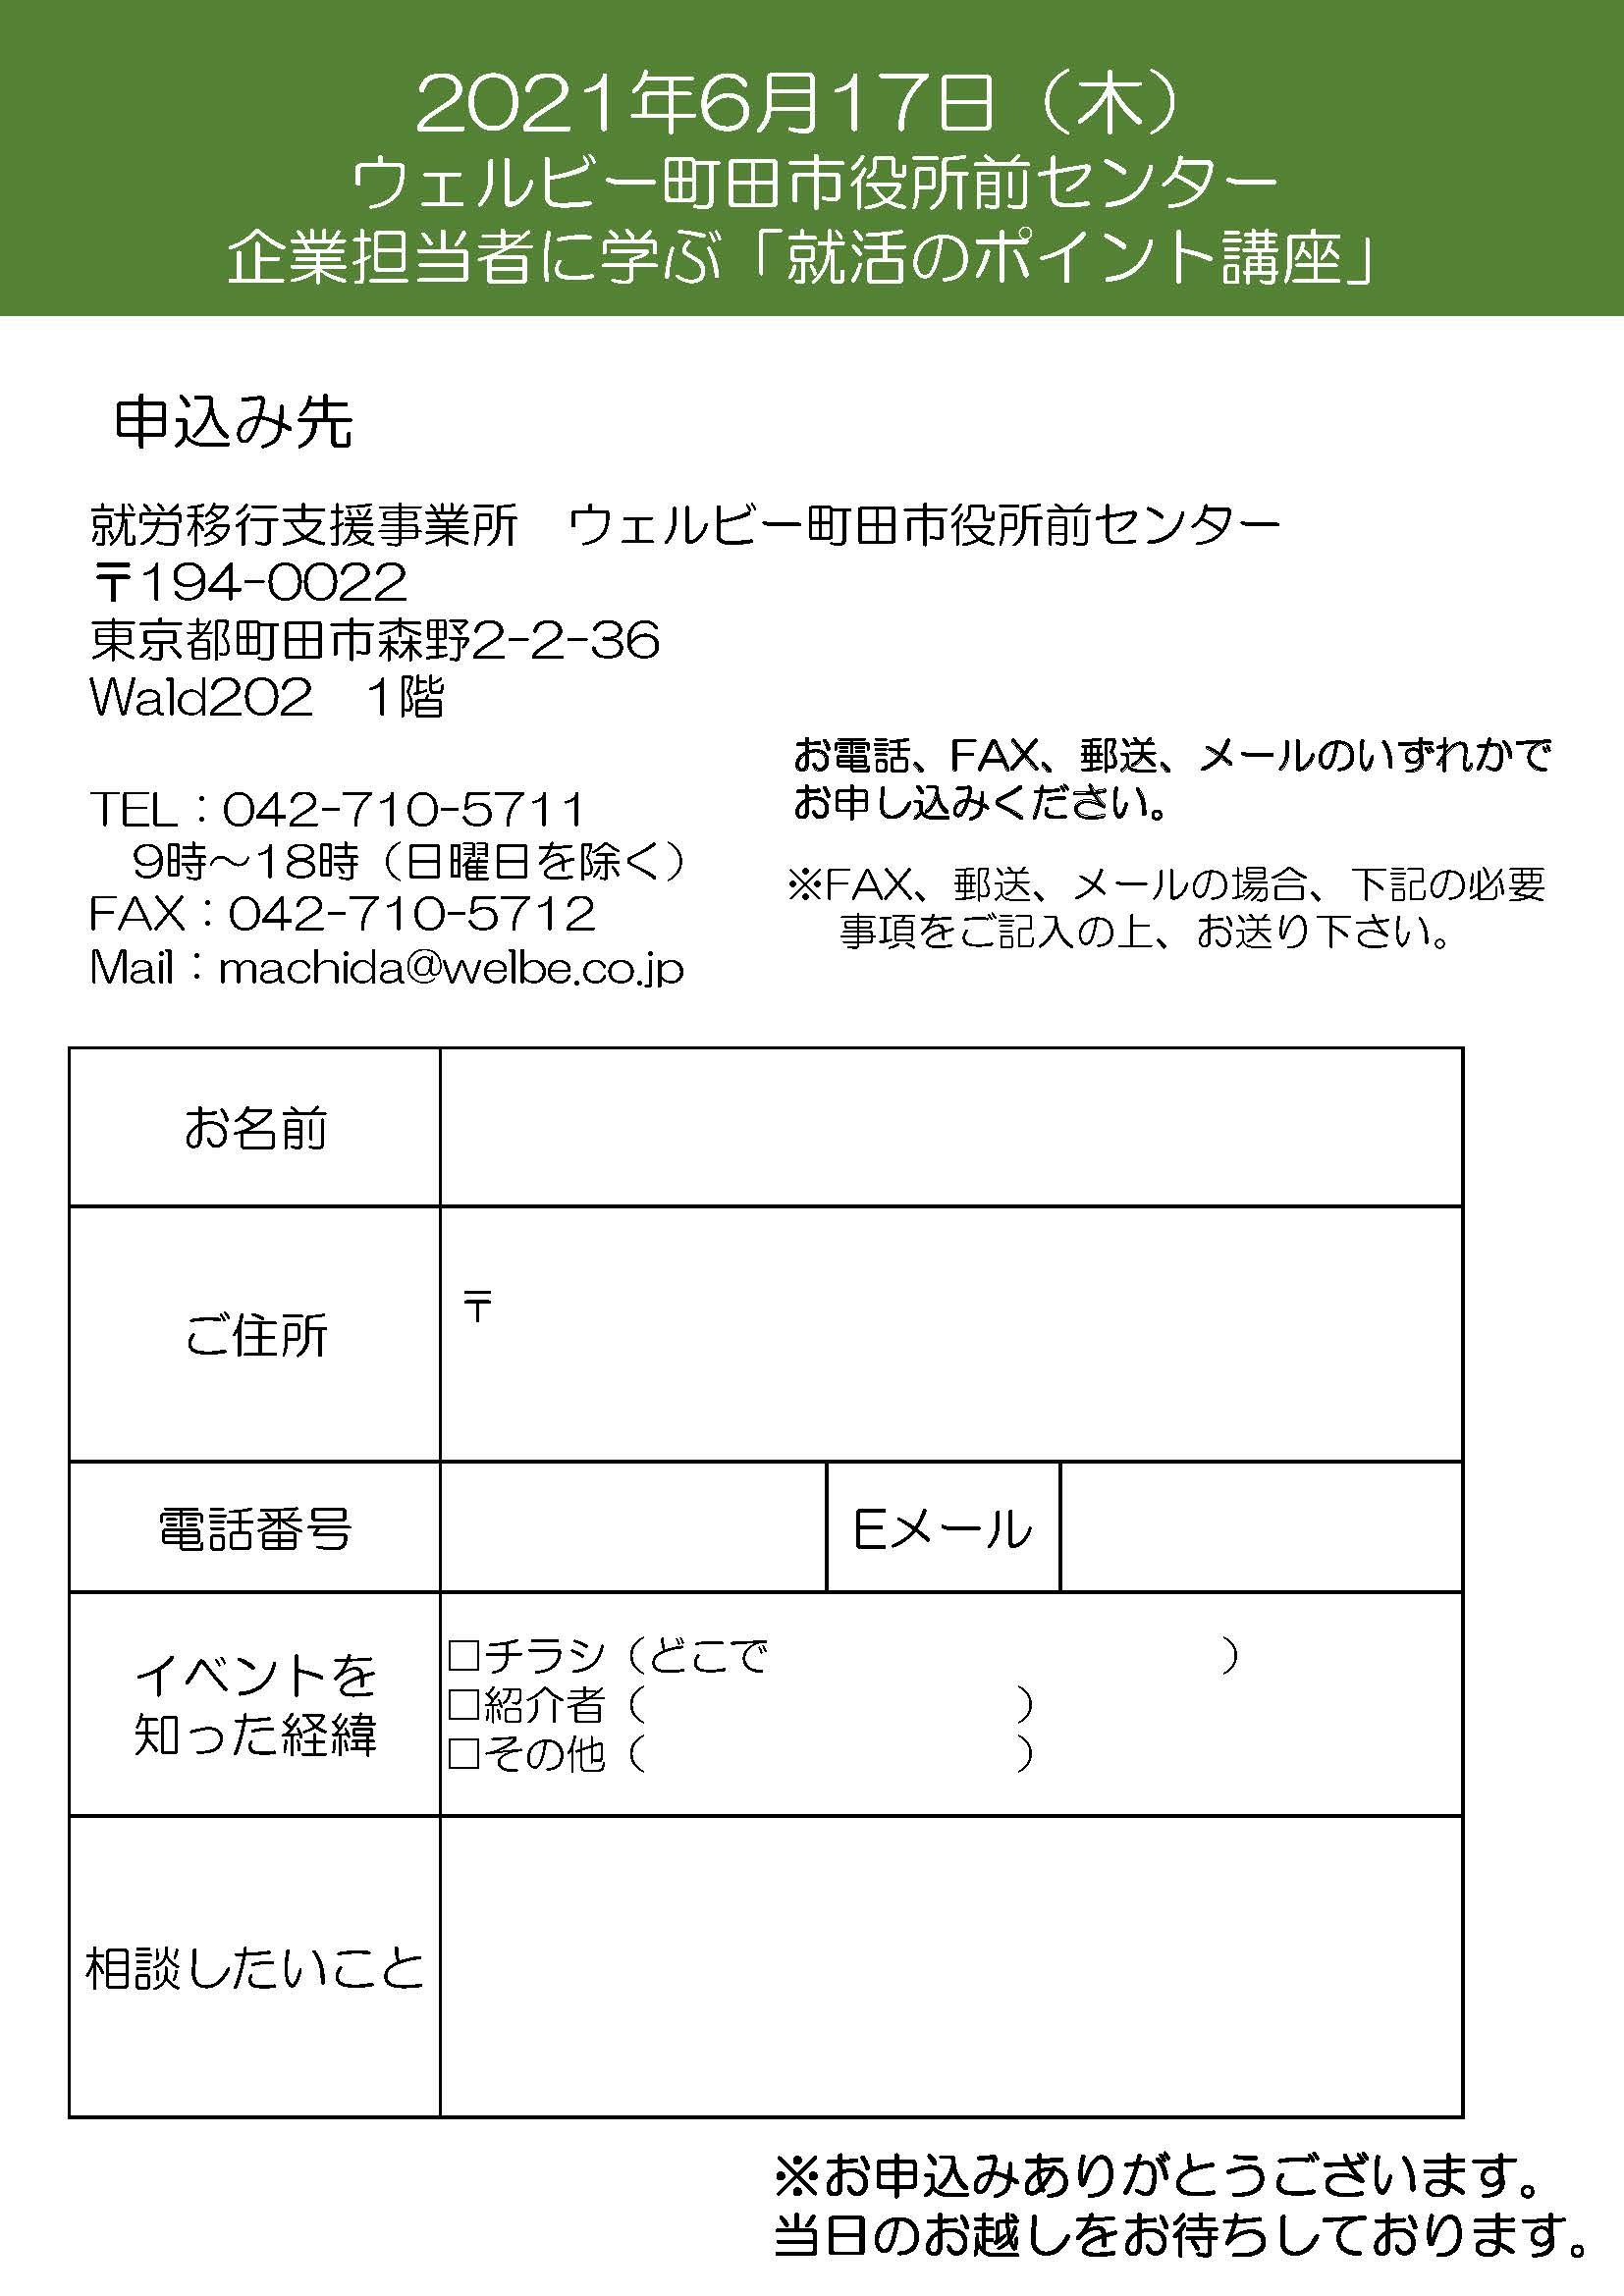 6月外部講師イベントチラシ修正0607_ページ_2